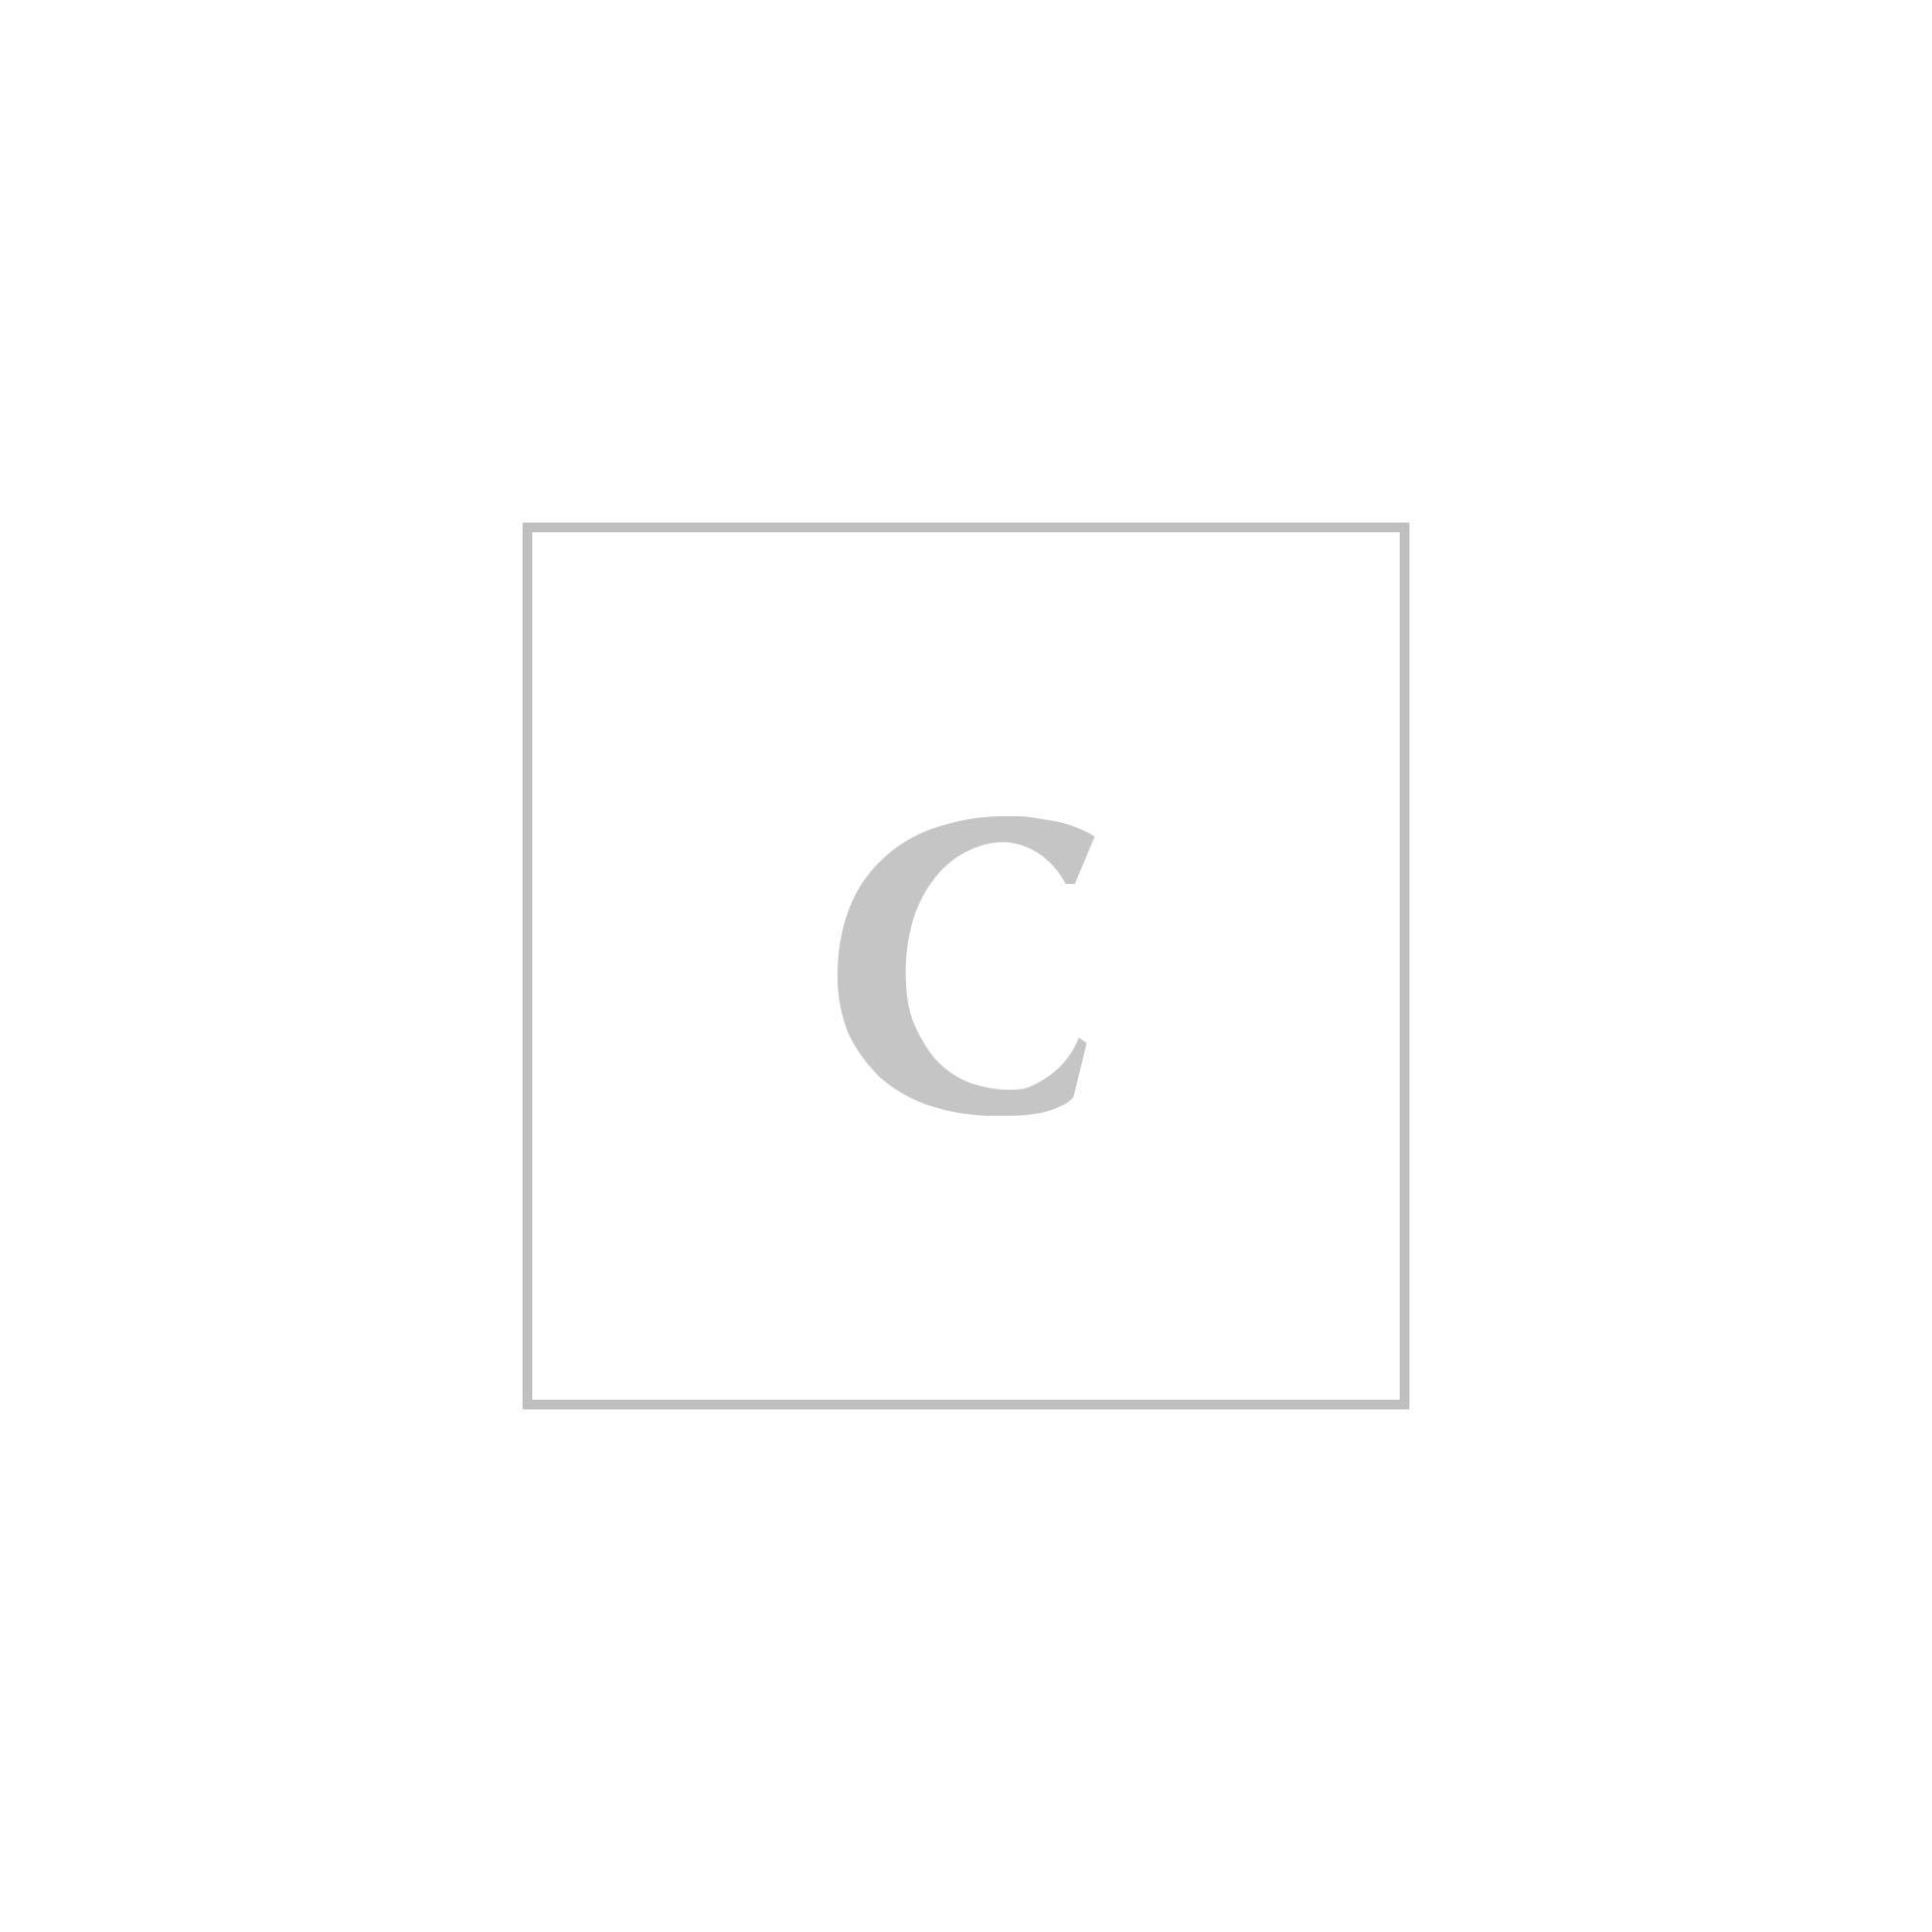 2a5807af8759 Versace calfskin clutch ...